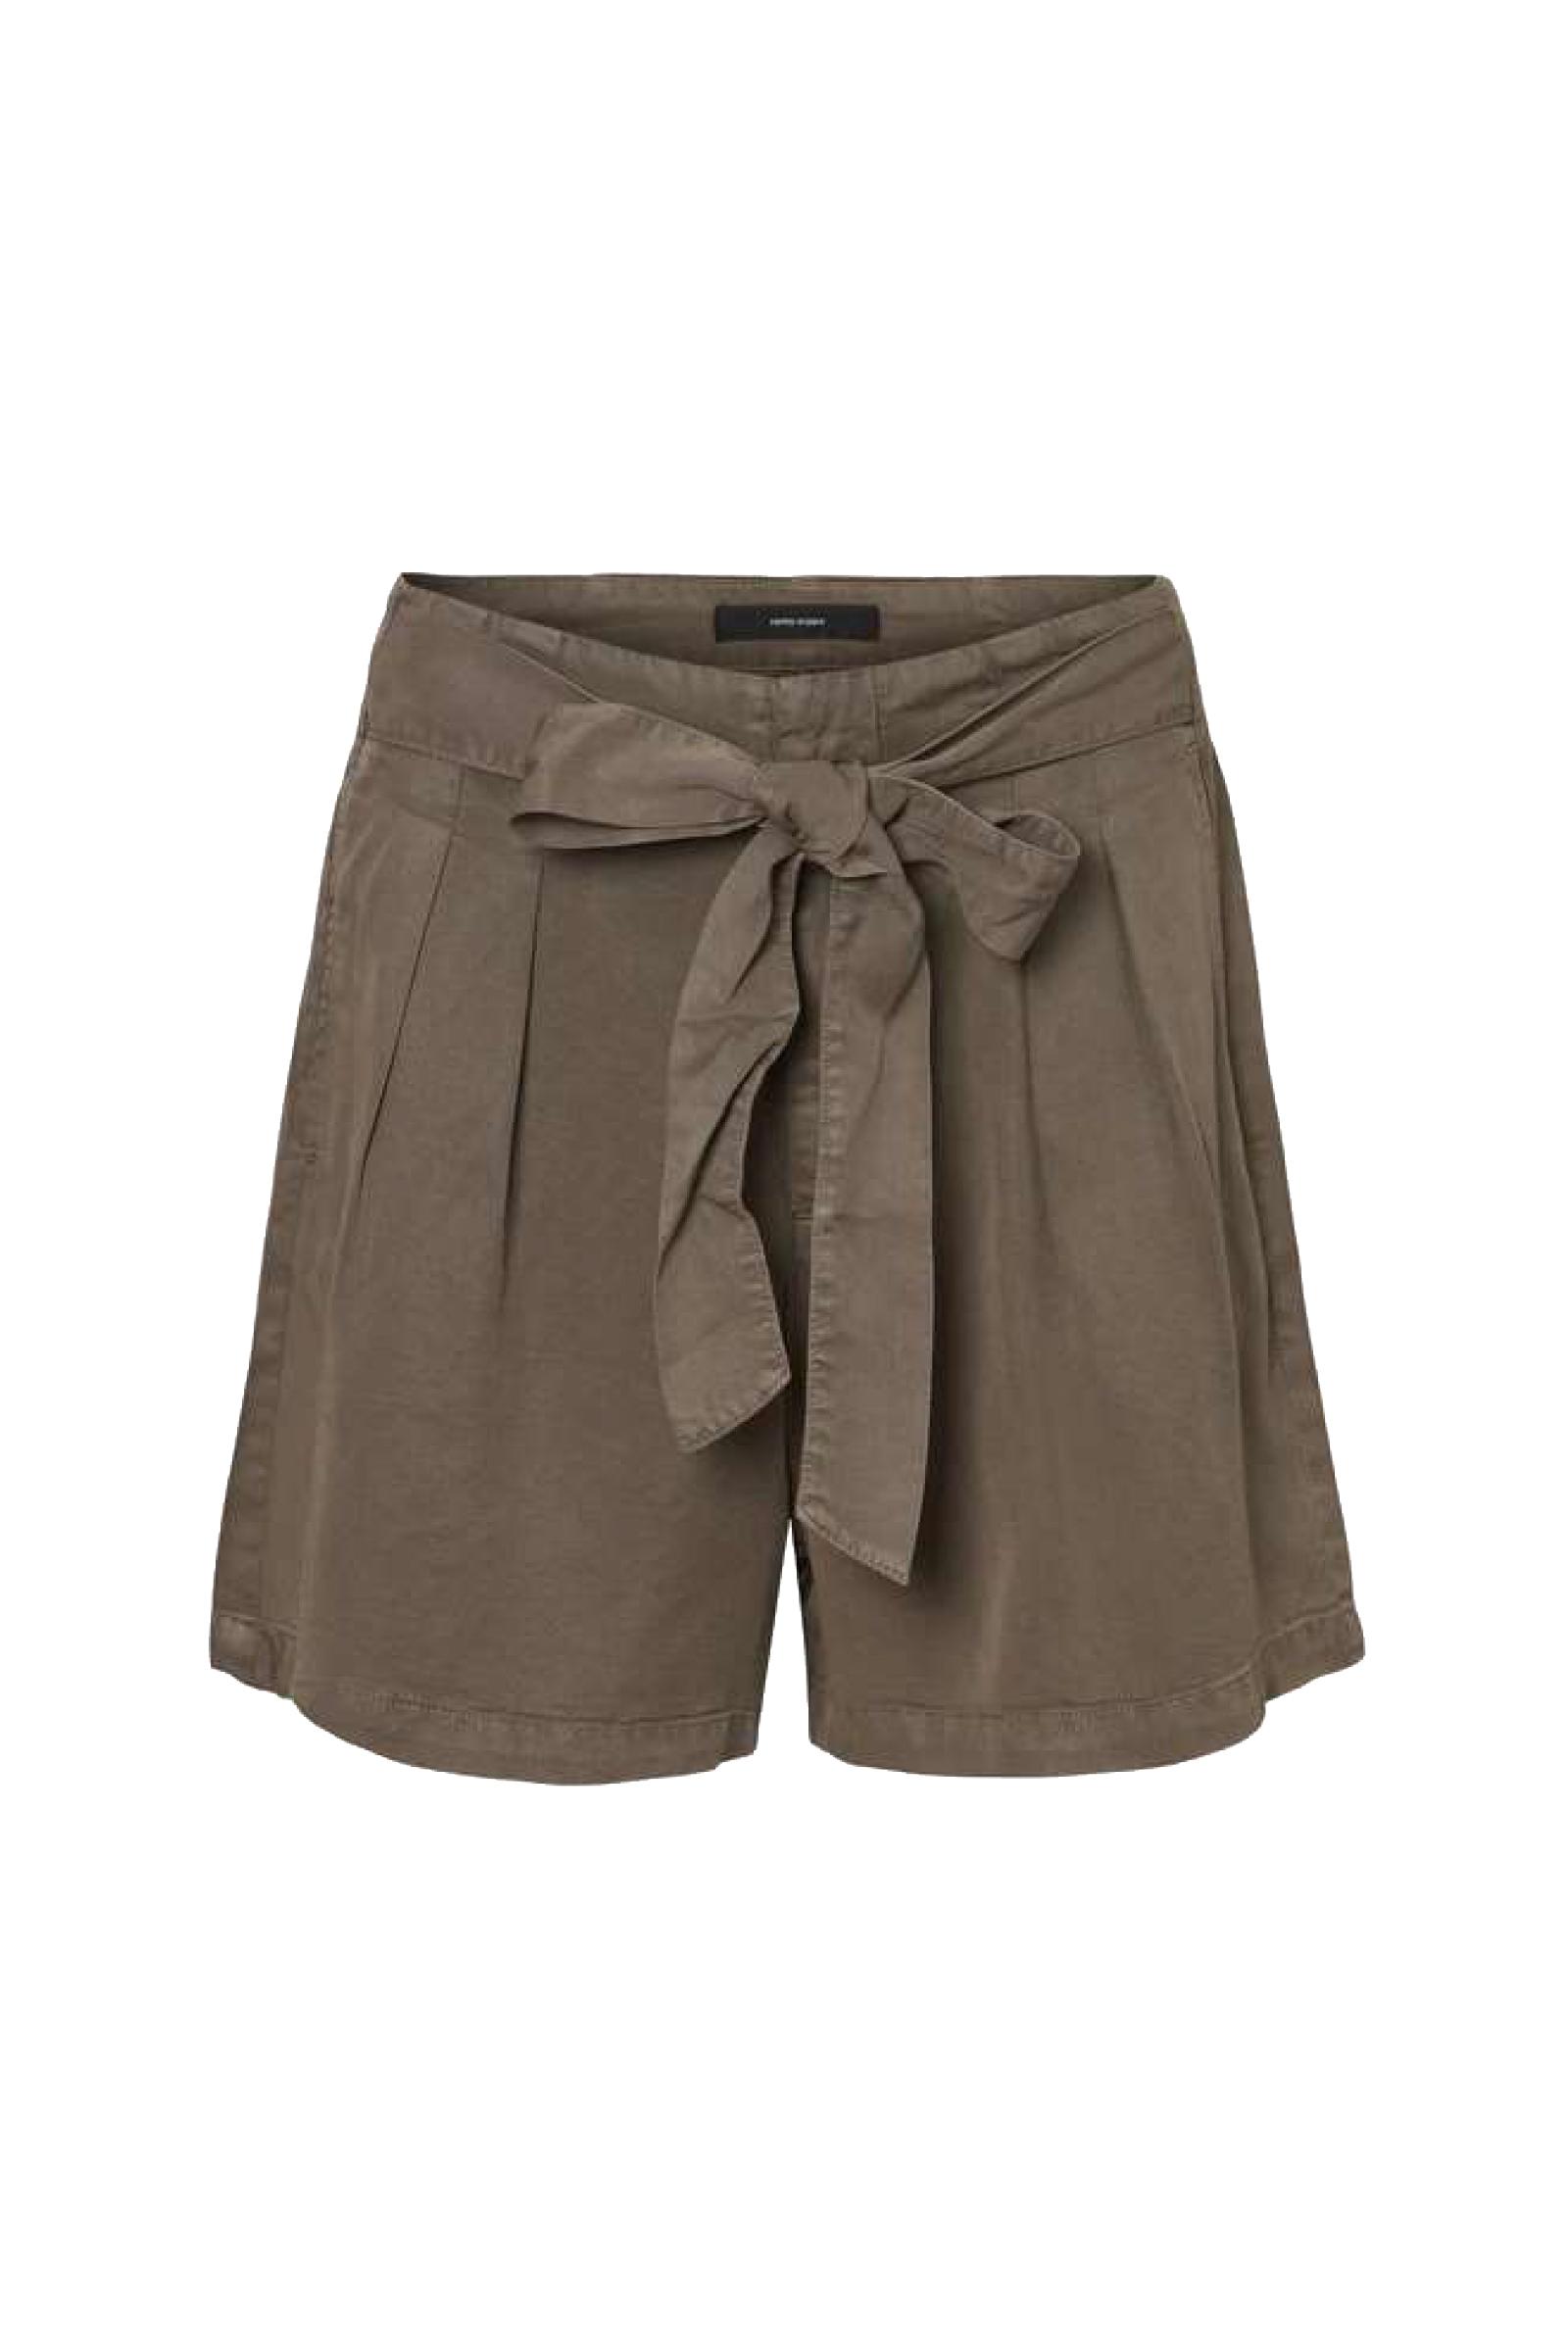 VERO MODA Shorts Donna Modello MIA VERO MODA | Shorts | 10209543Bungee Cord